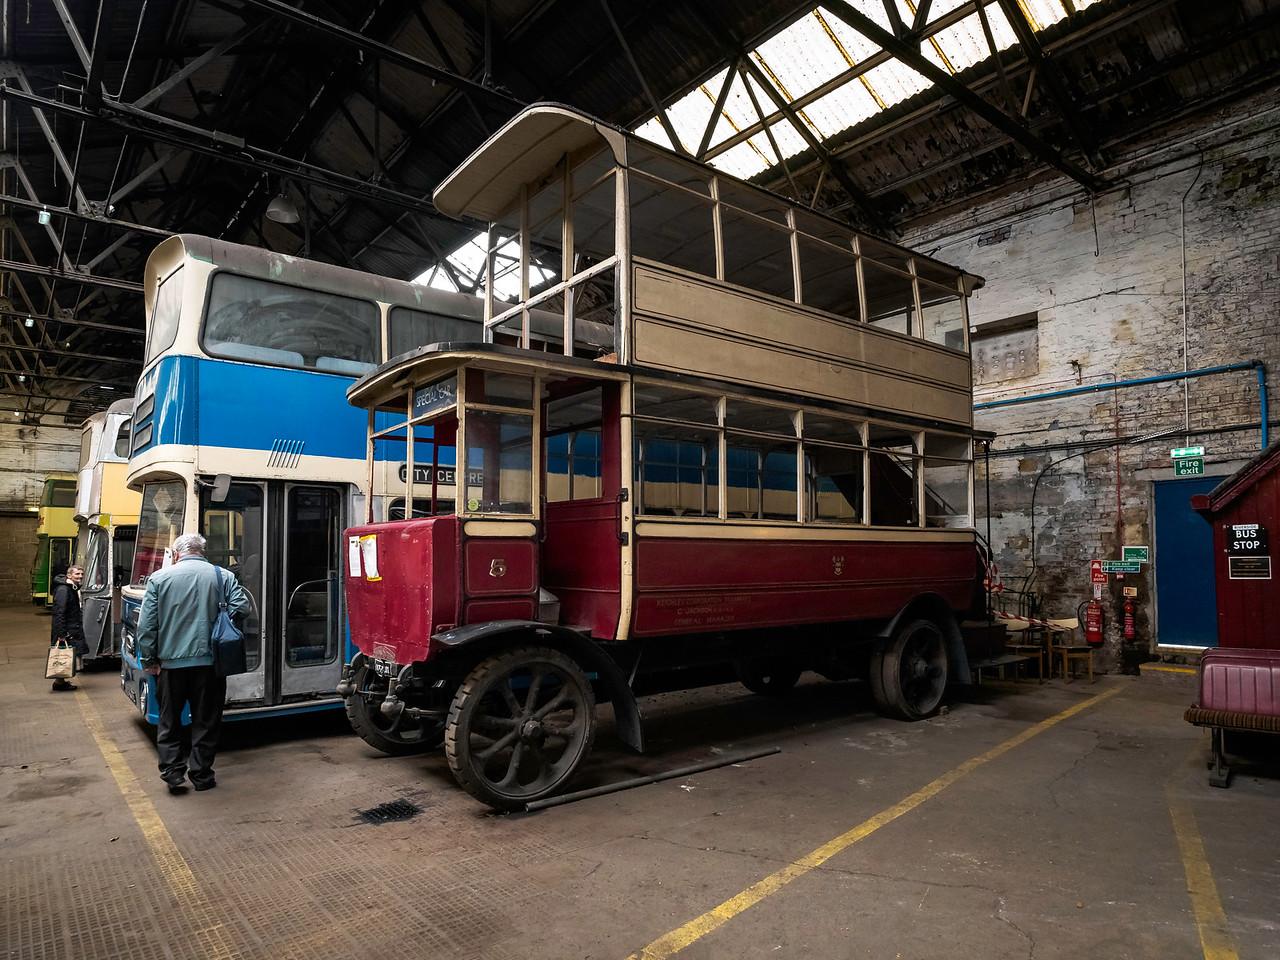 1924 Straker-Clough Trolley Omnibus